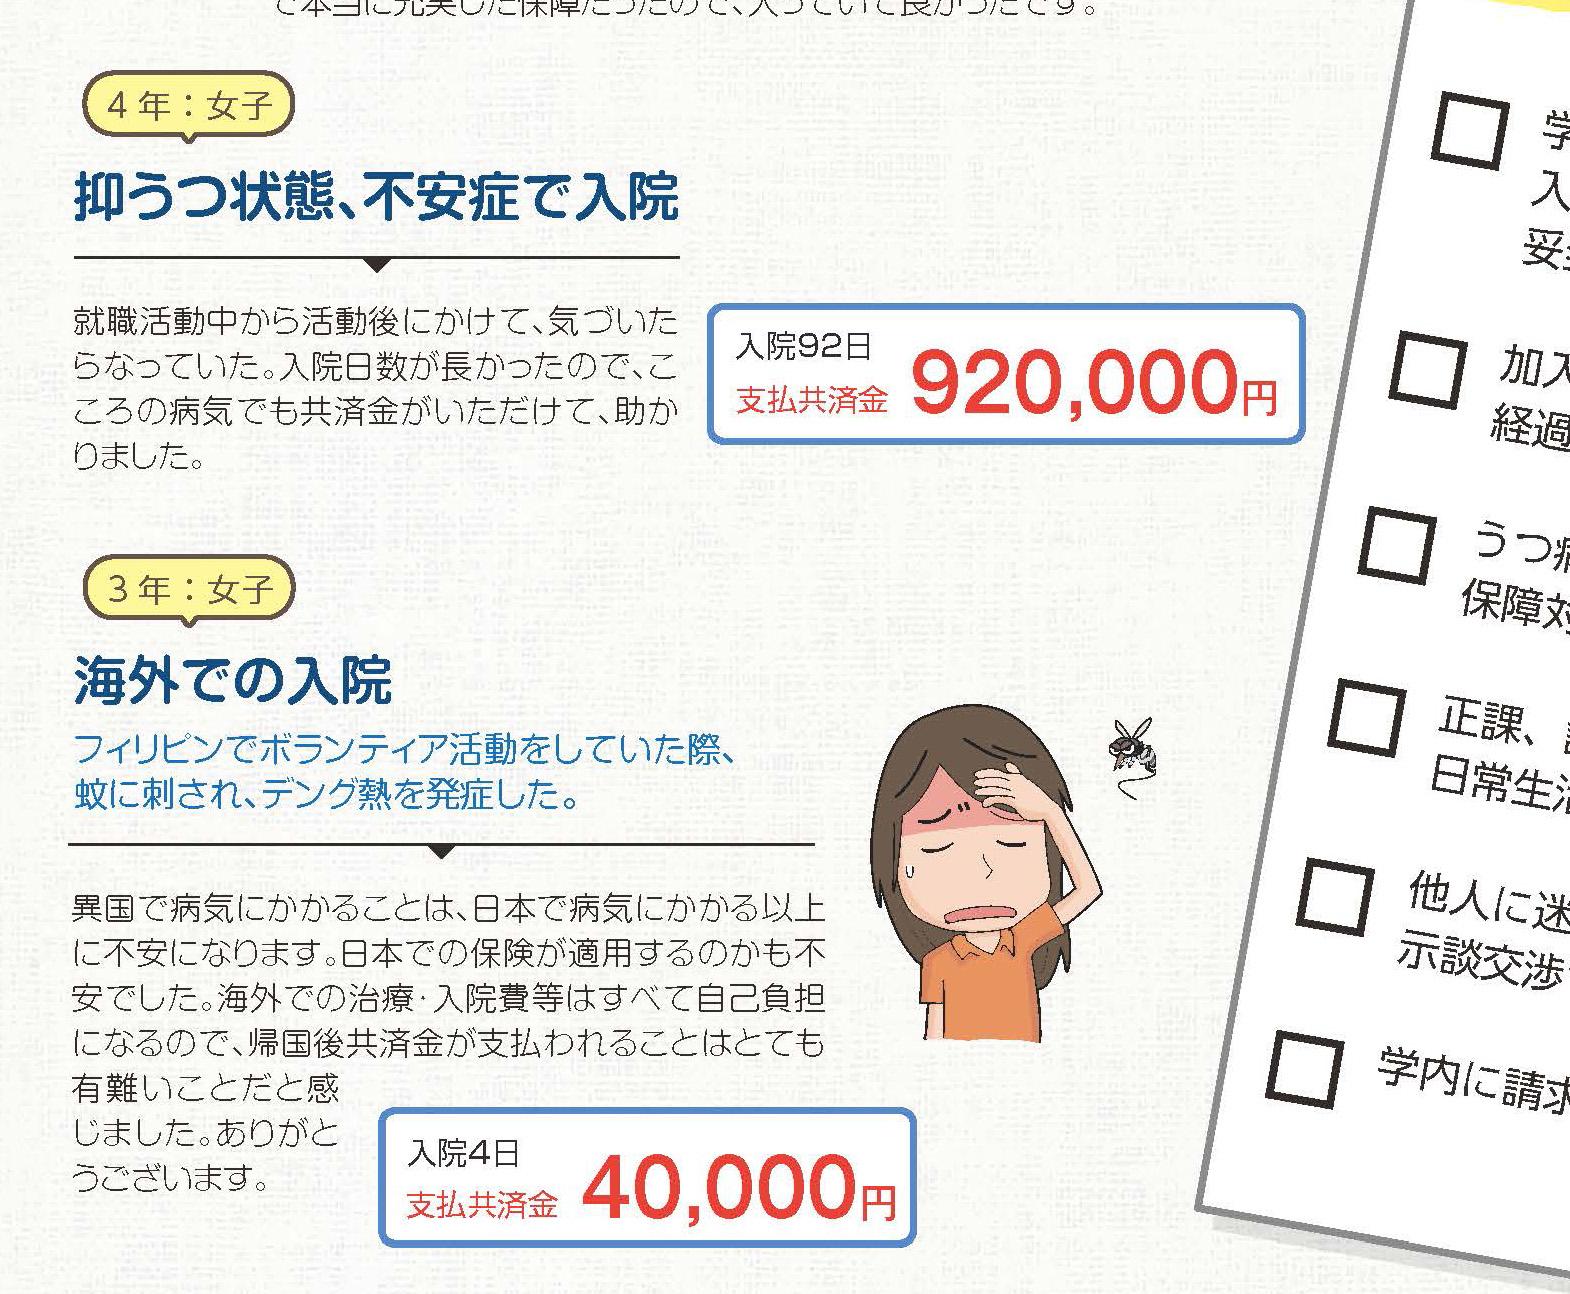 保険商品説明用イラストカット